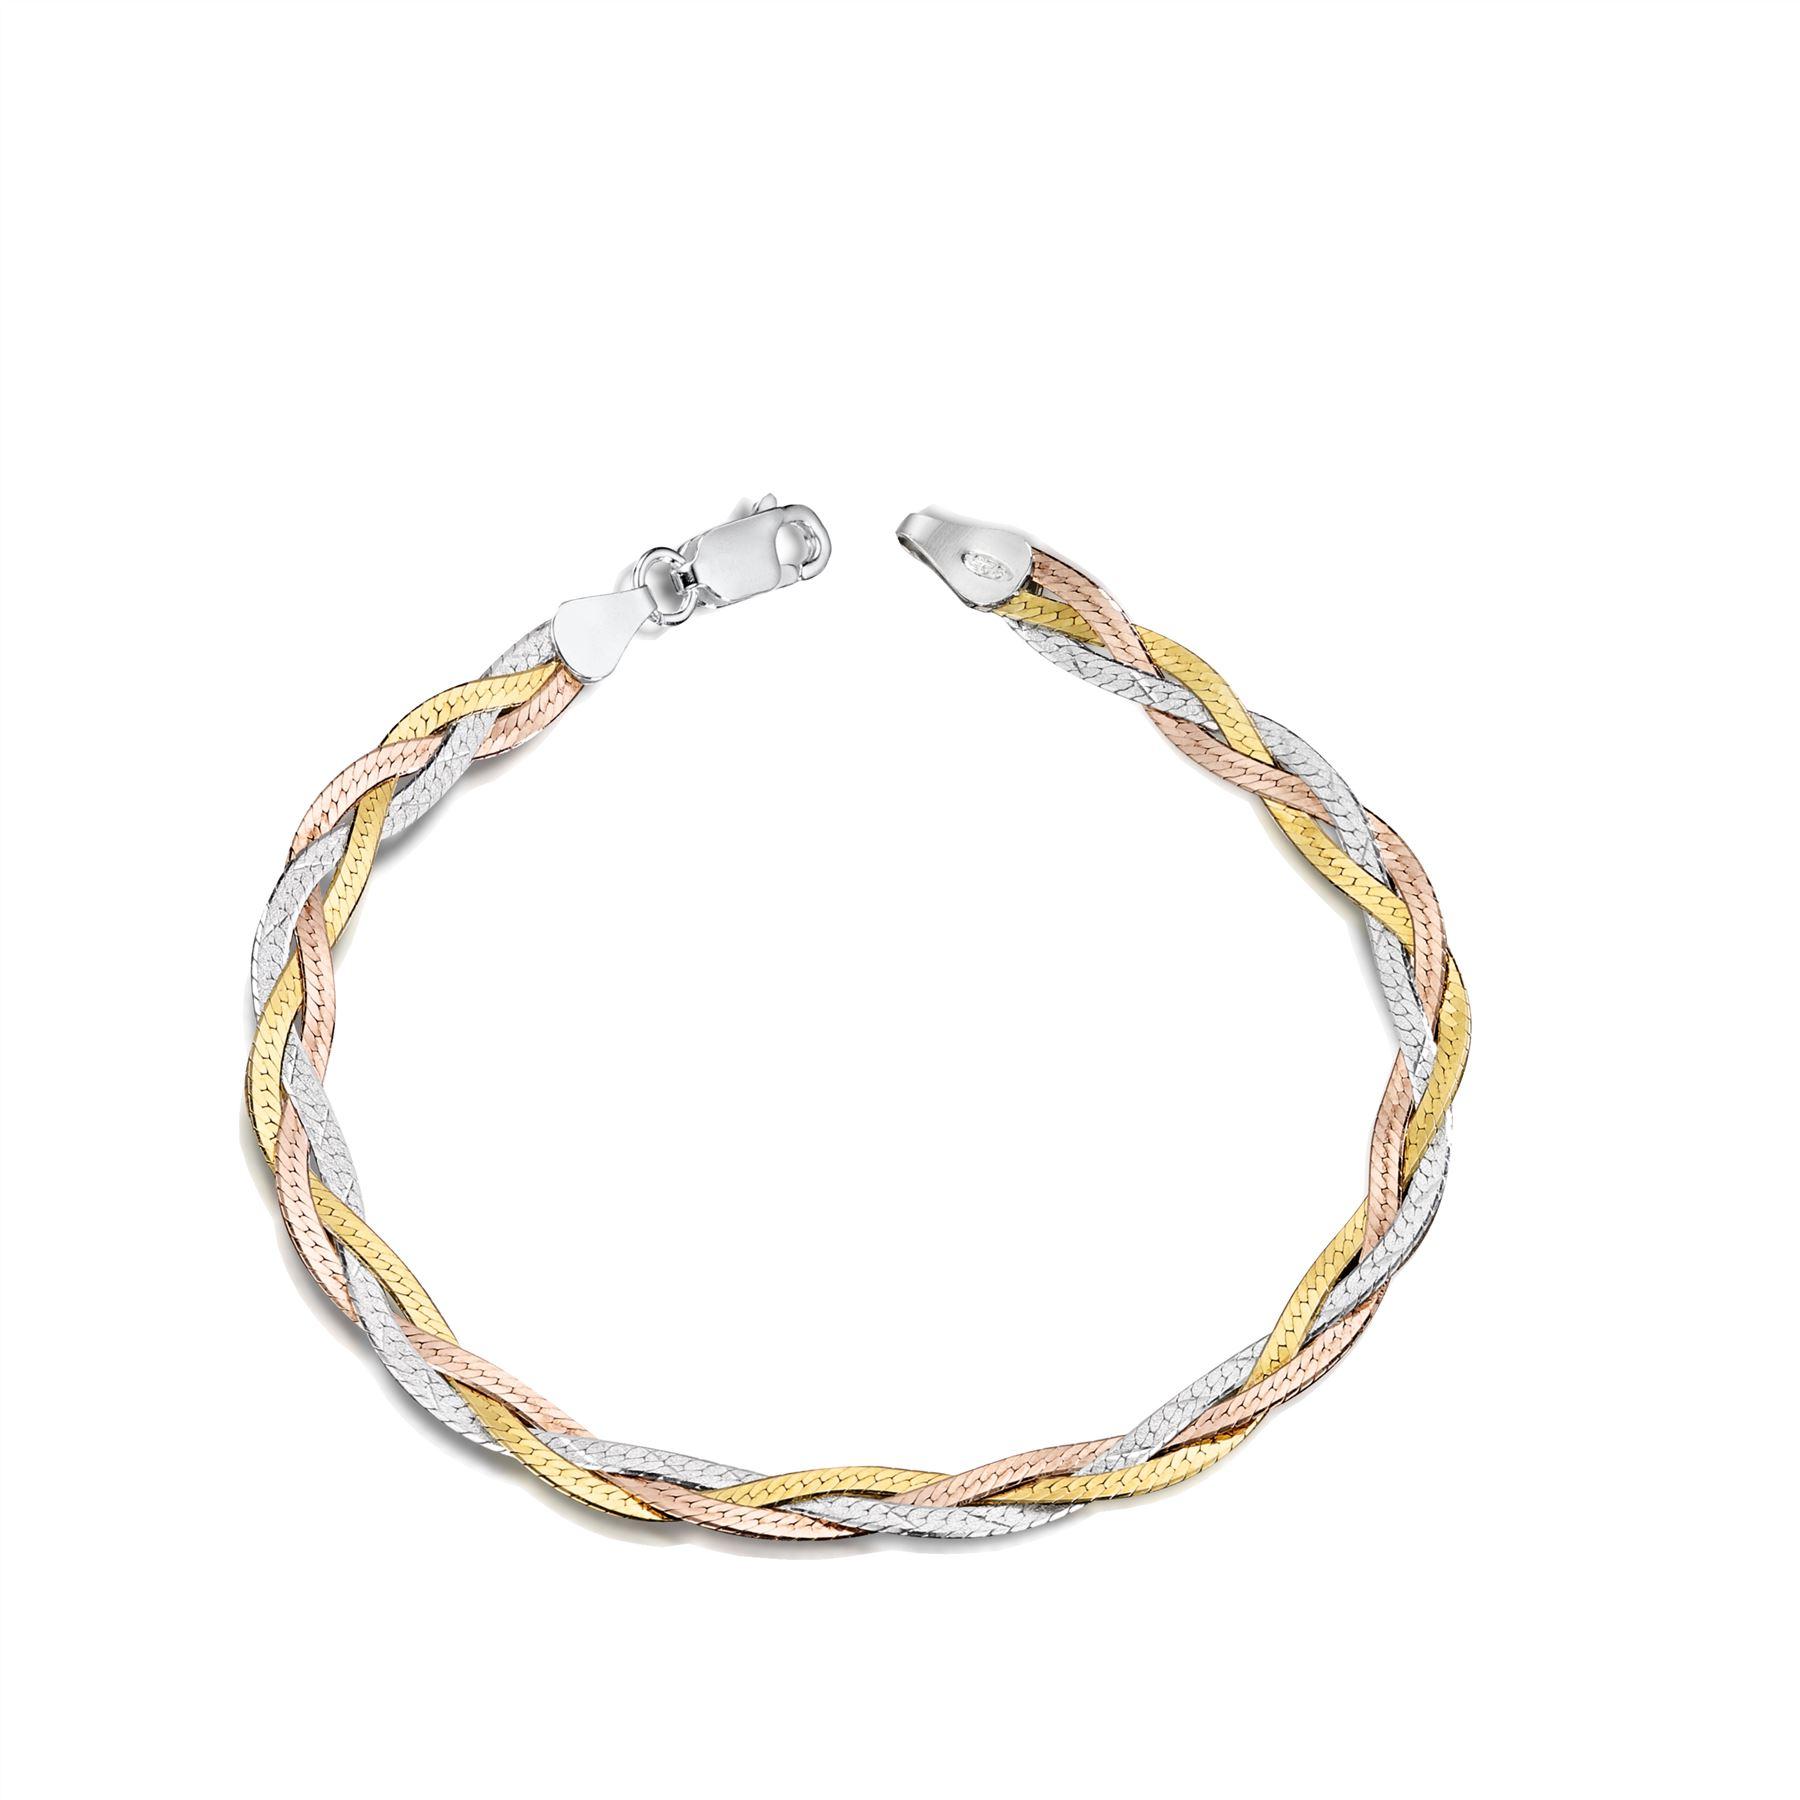 Amberta-Bijoux-Bracelet-en-Vrai-Argent-Sterling-925-Chaine-pour-Femme-a-la-Mode thumbnail 105